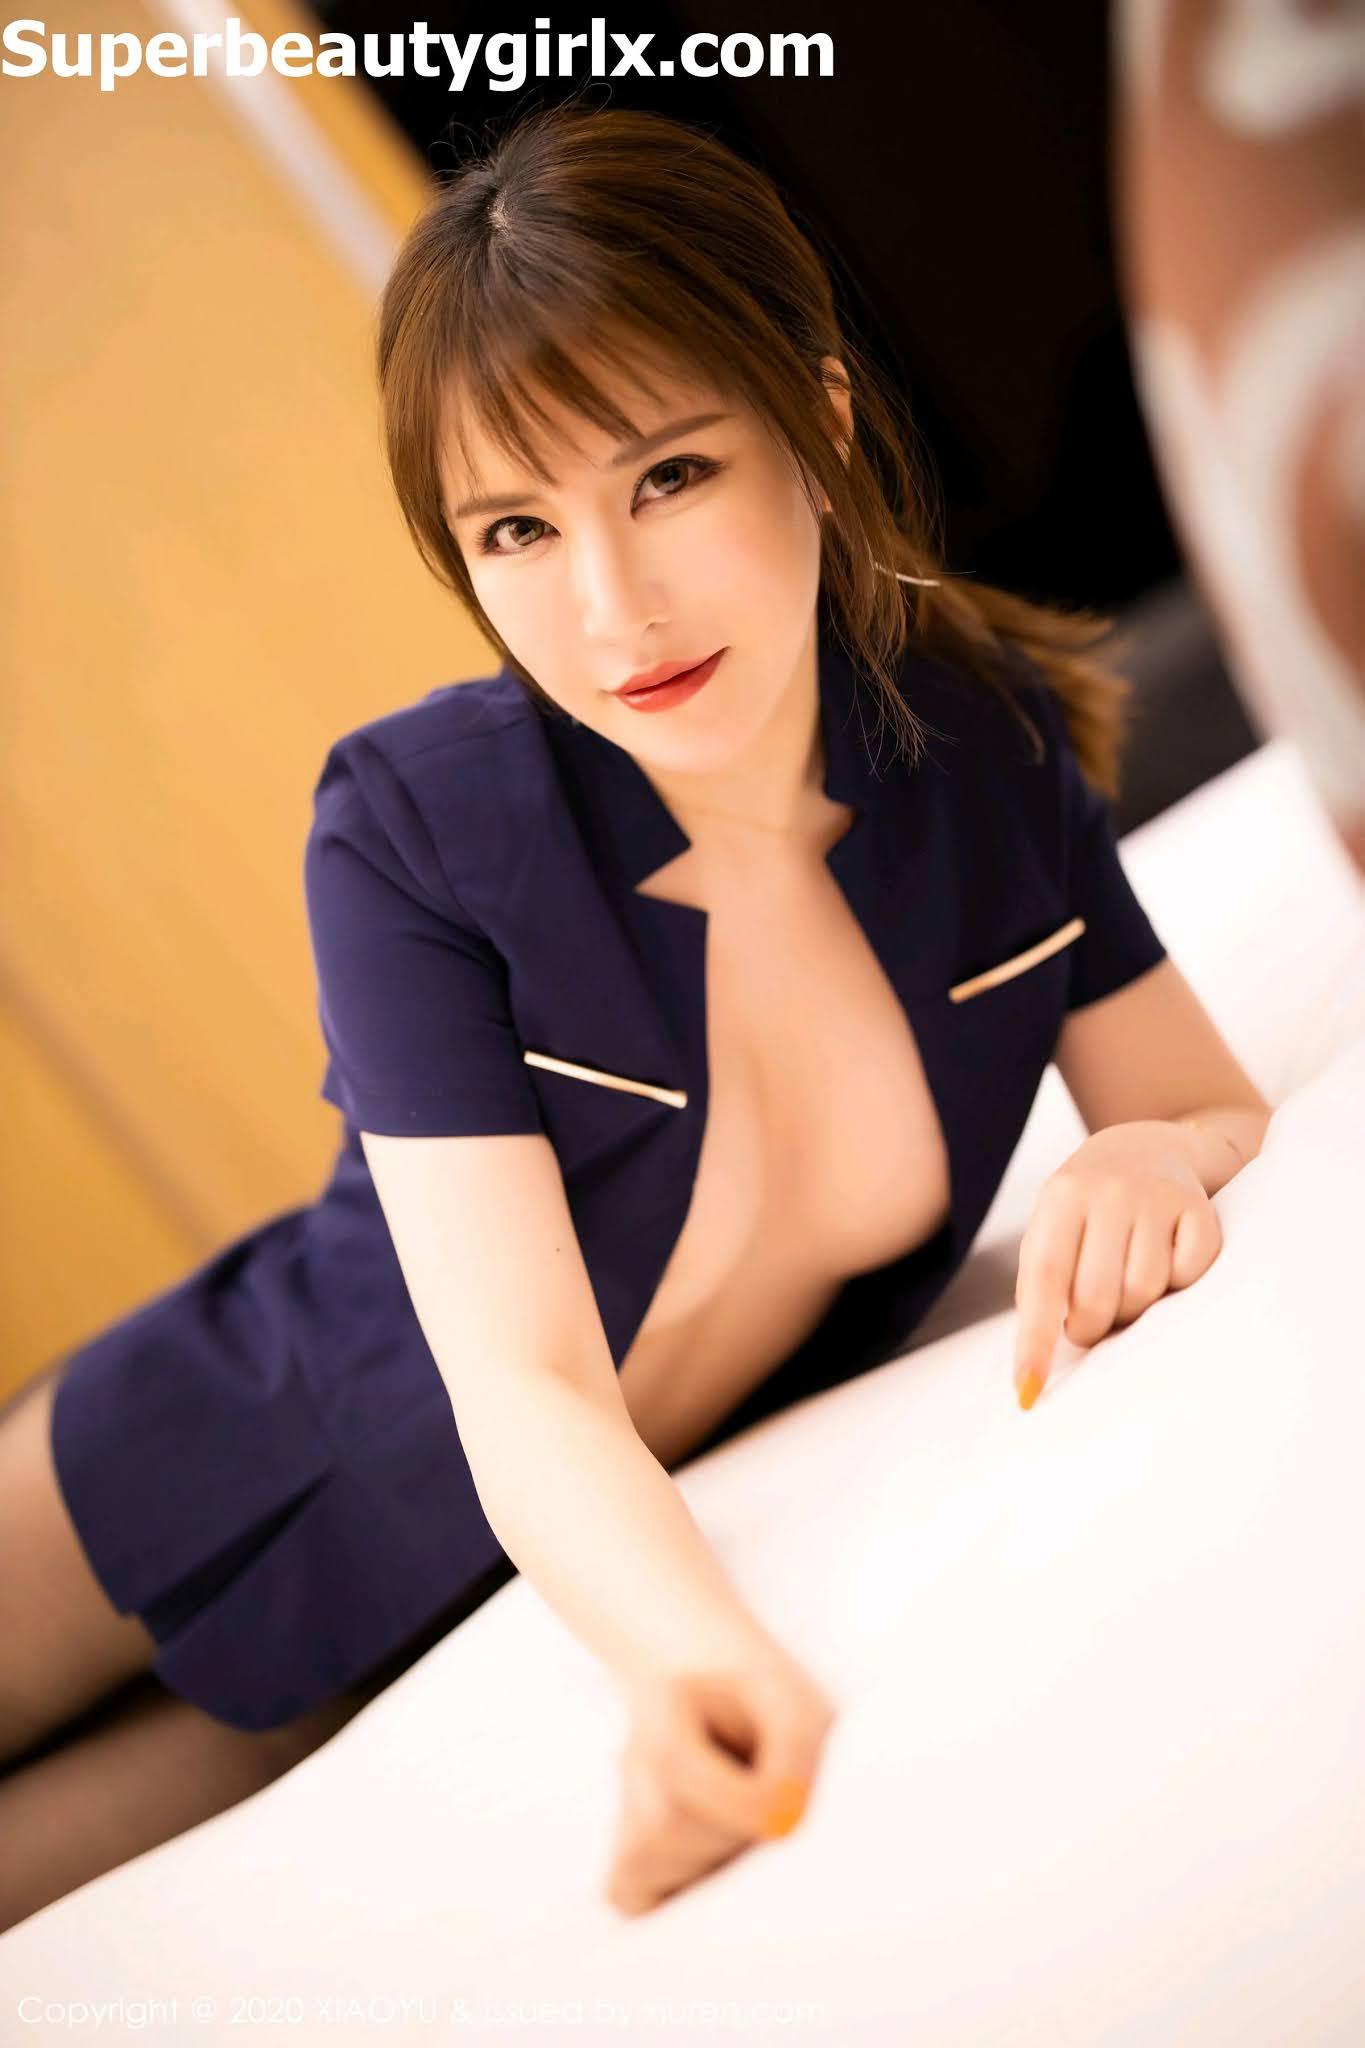 XiaoYu-Vol.350-Xia-Xiao-Ya-Superbeautygirlx.com